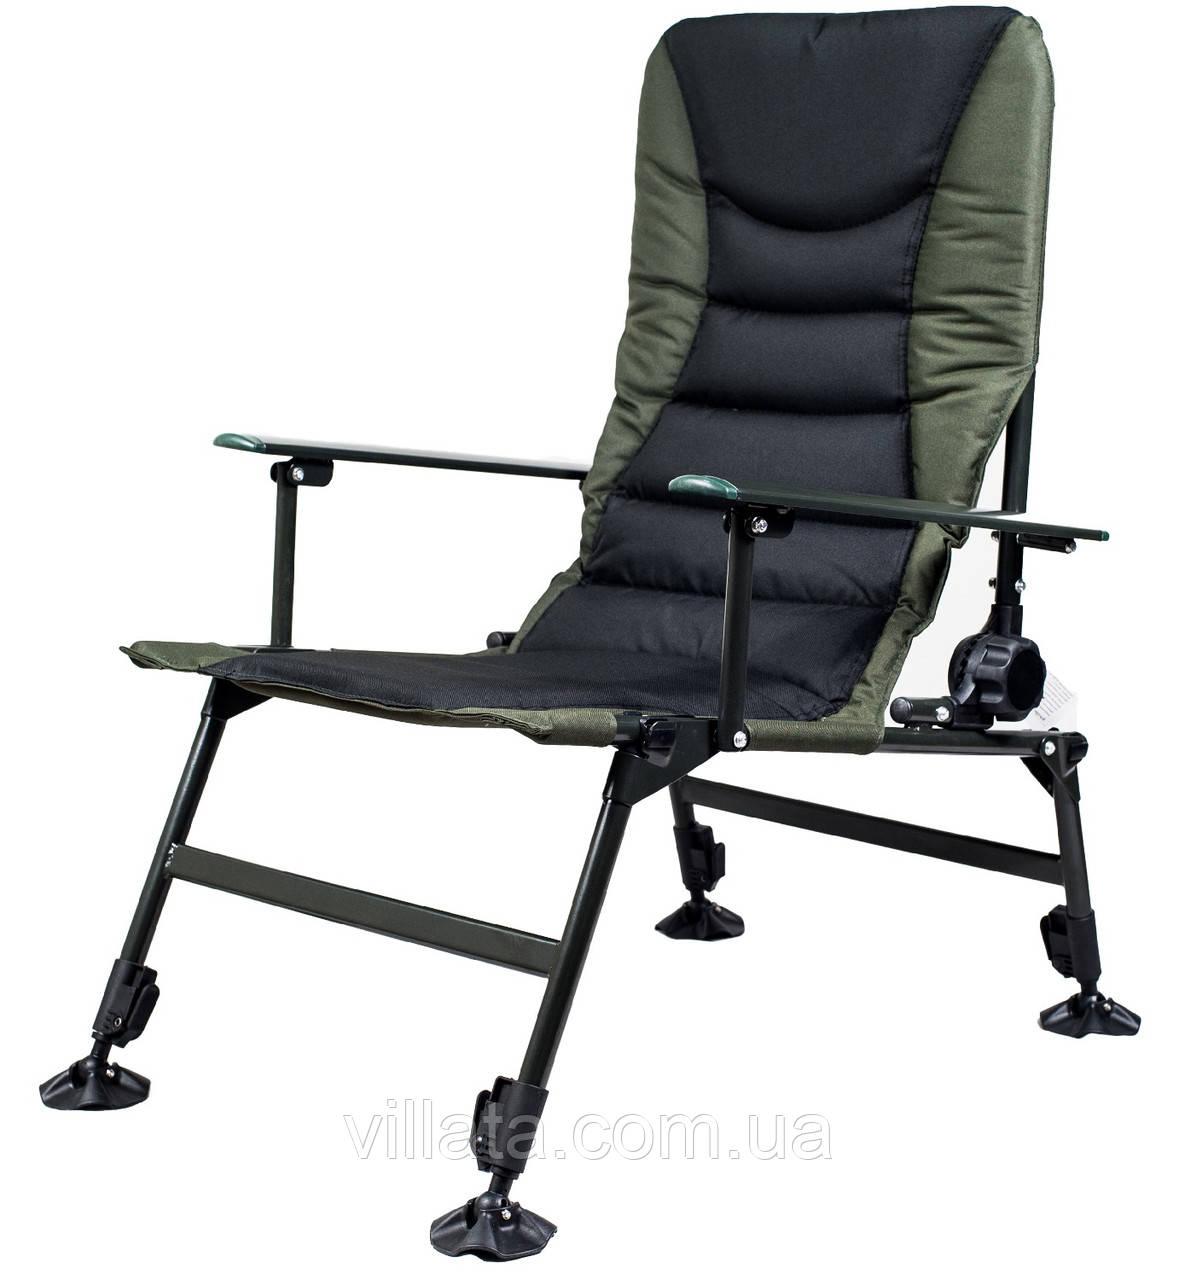 Карповое кресло Ranger SL 102 кресло для рыбалки